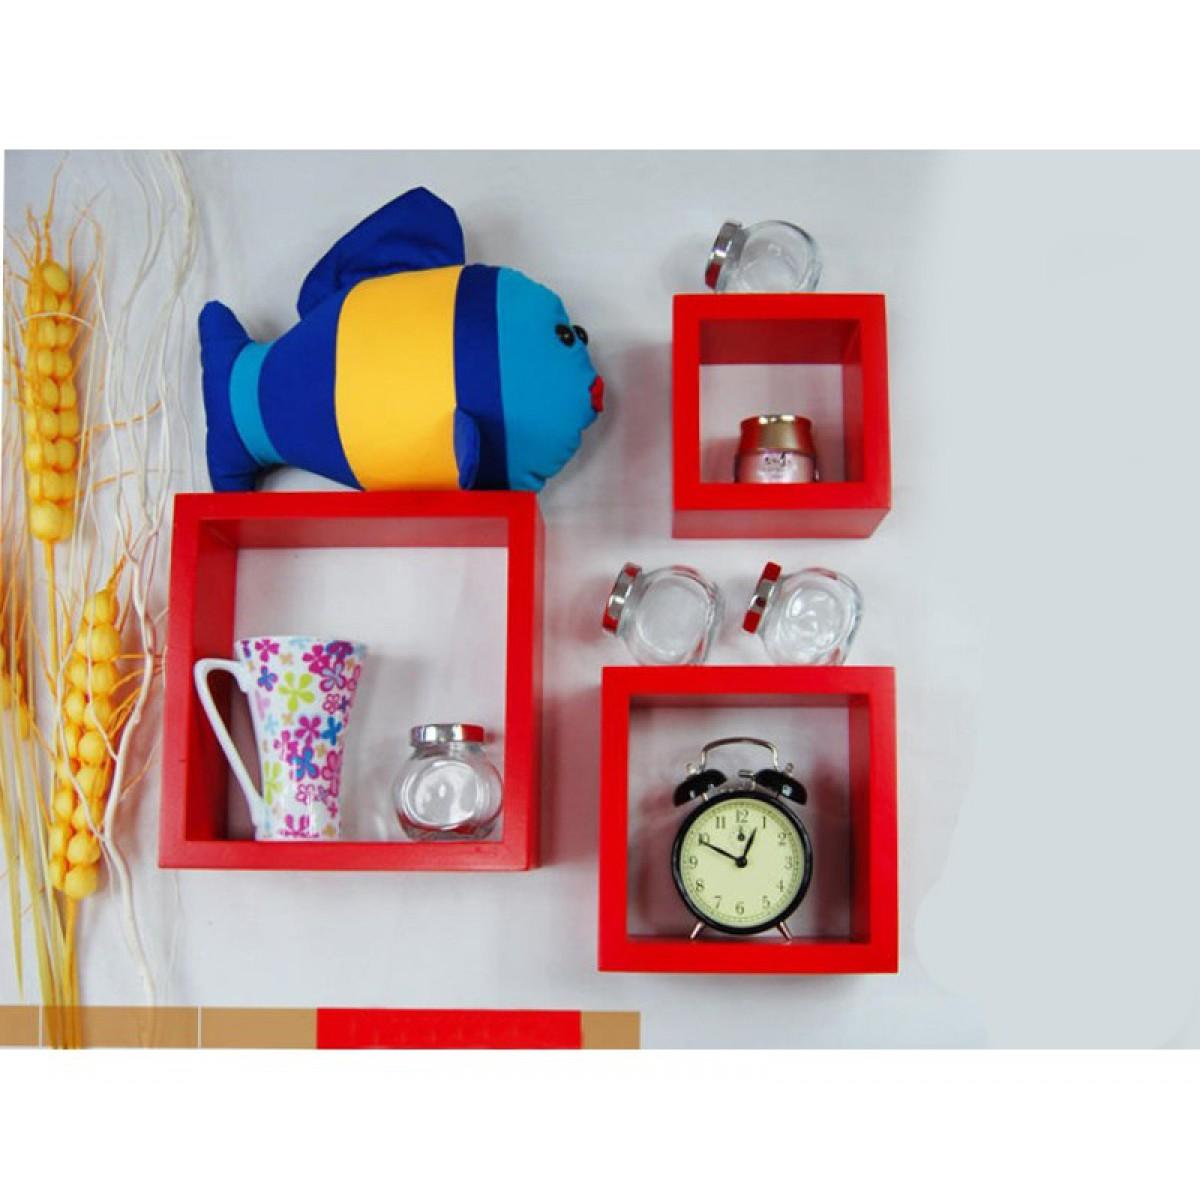 Red Shelf 800x650 1977 1200x1200 Jpg